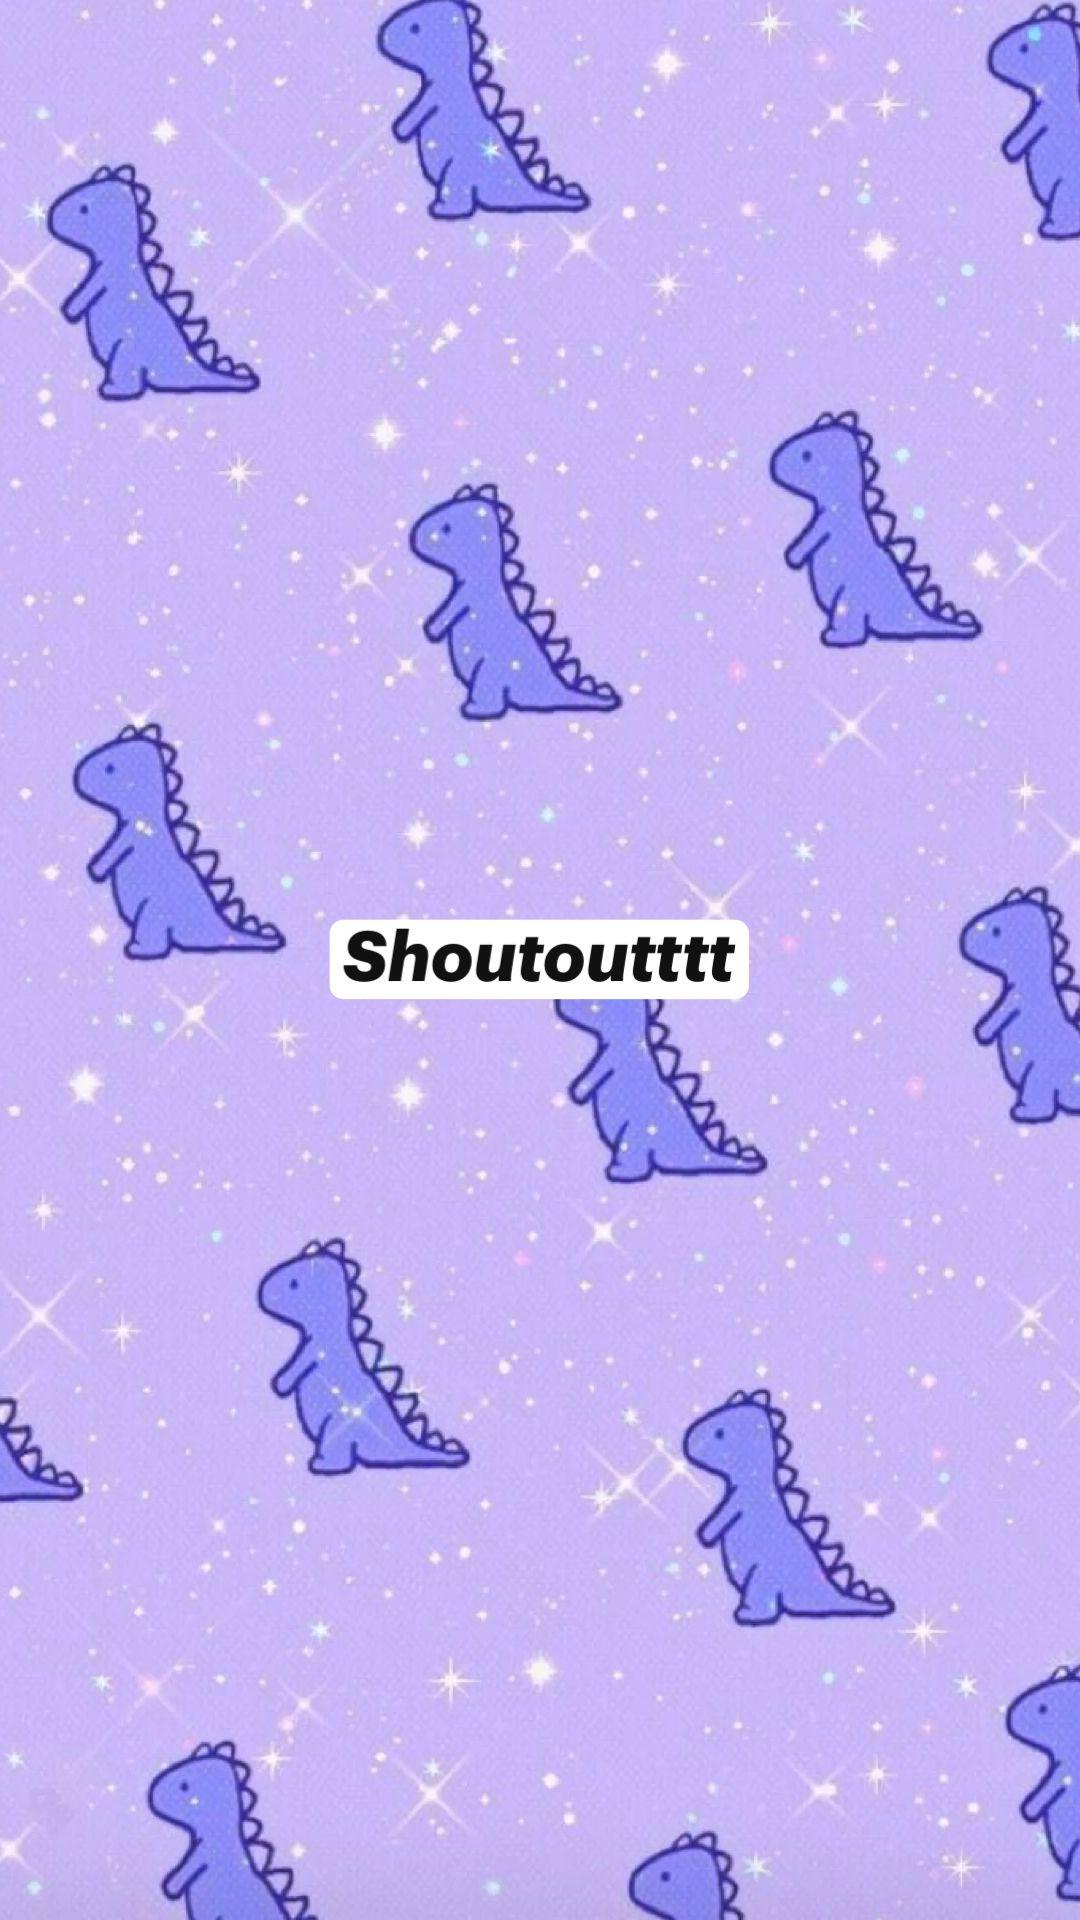 Shoutoutttt